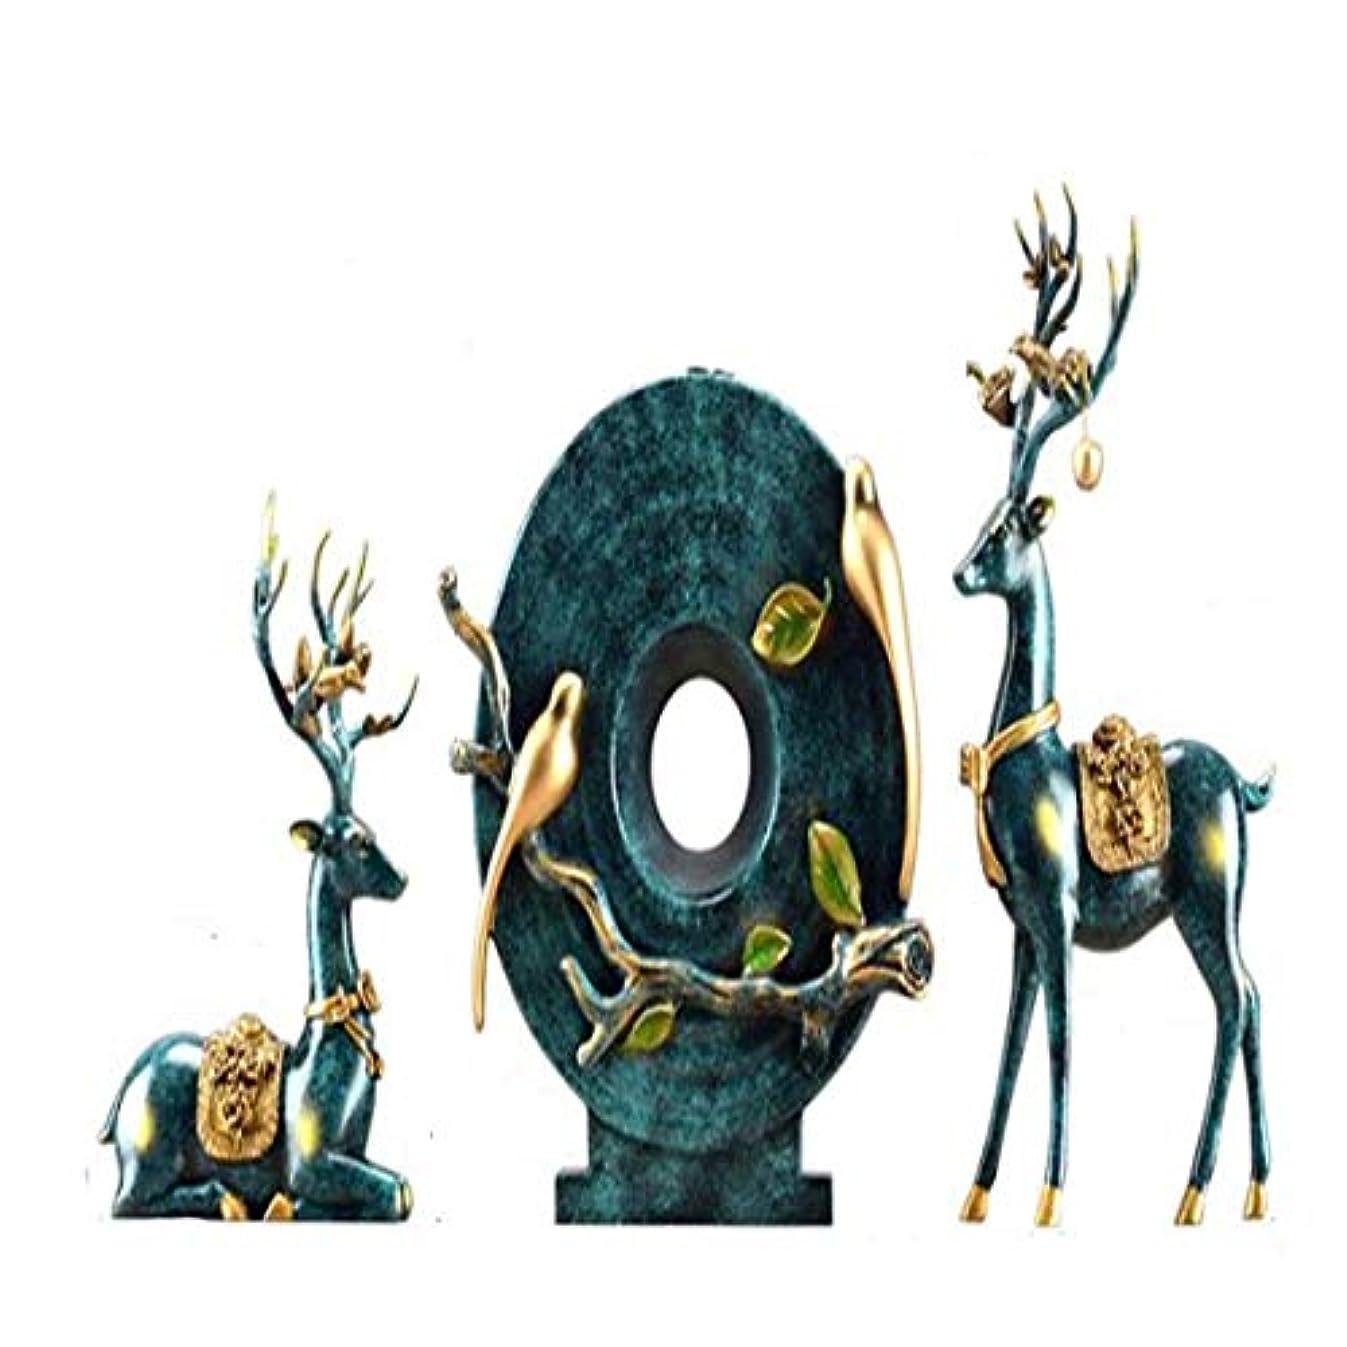 誤曲げる適性Aishanghuayi クリエイティブアメリカン鹿の装飾品花瓶リビングルーム新しい家の結婚式のギフトワインキャビネットテレビキャビネットホームソフト装飾家具,ファッションオーナメント (Color : A)